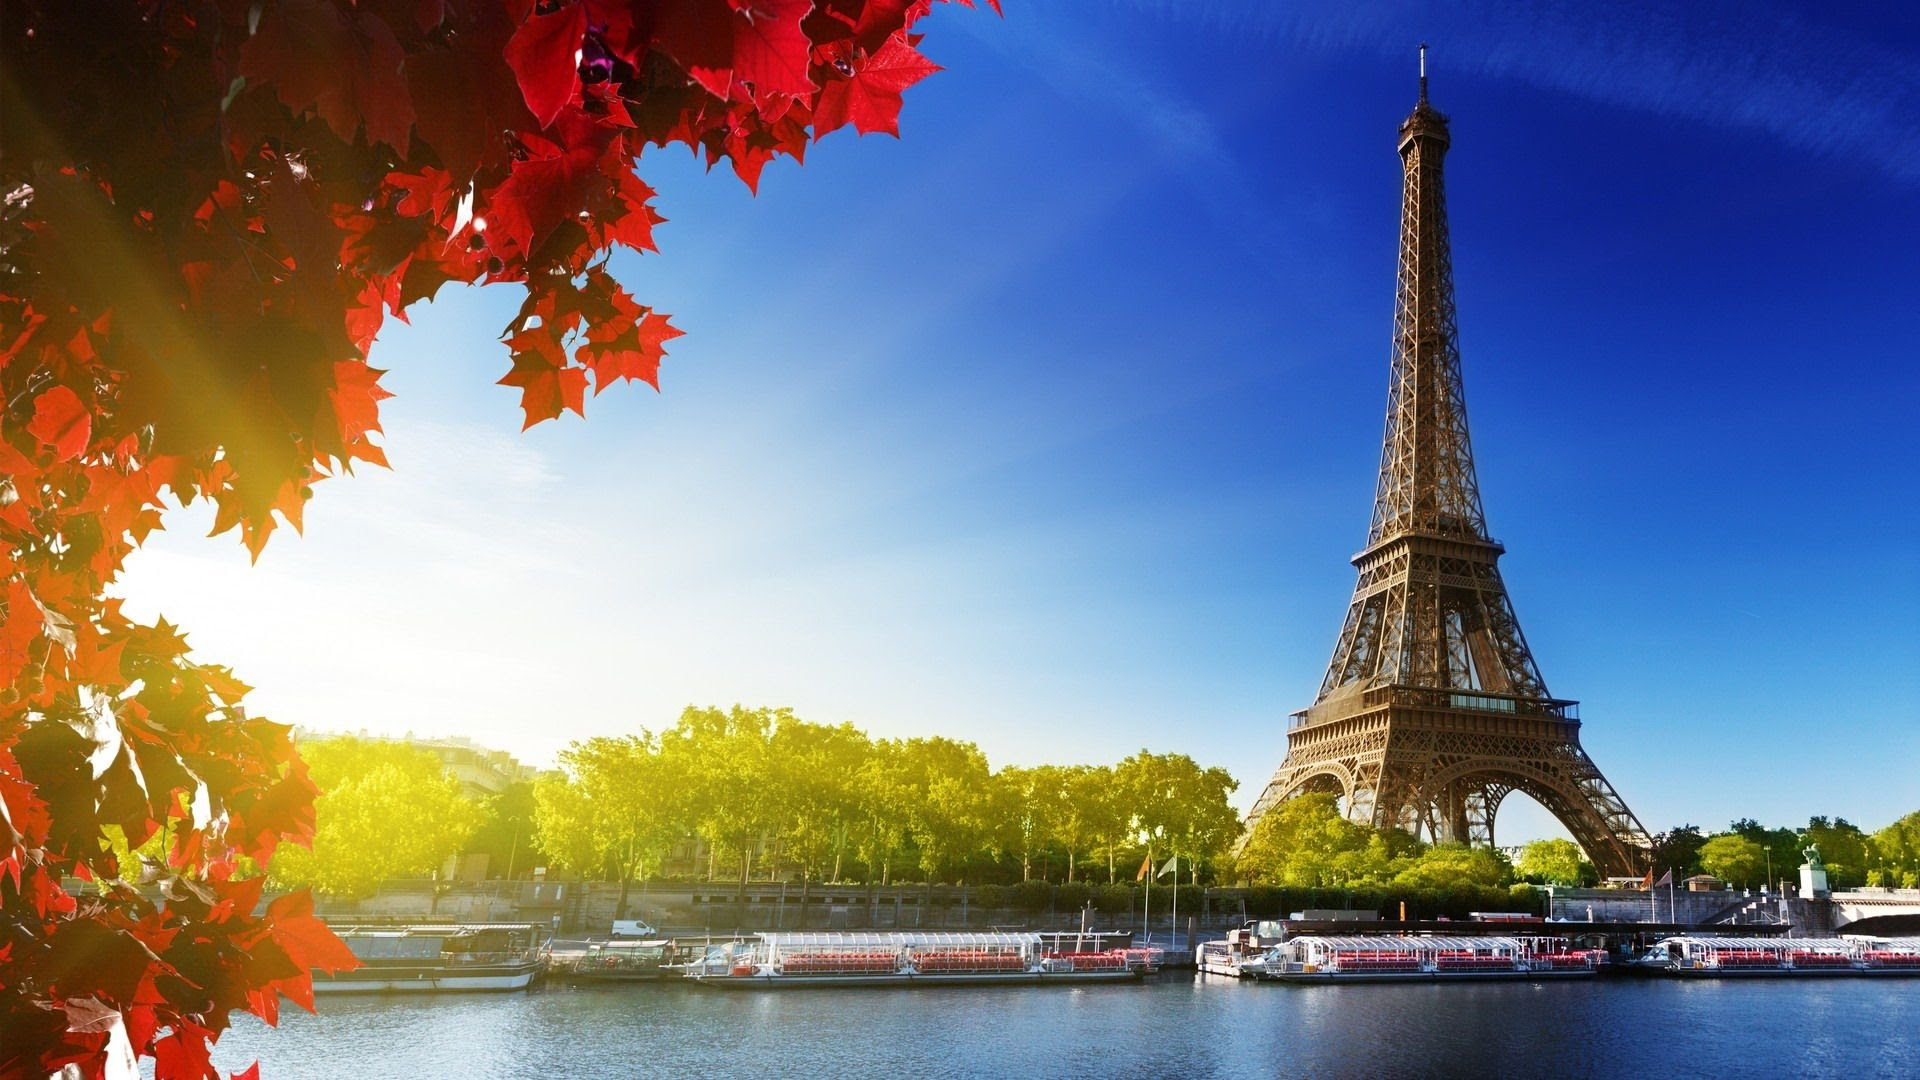 DU HỌC PHÁP: TRƯỜNG KINH DOANH PARIS (PARIS SCHOOL OF BUSINESS)